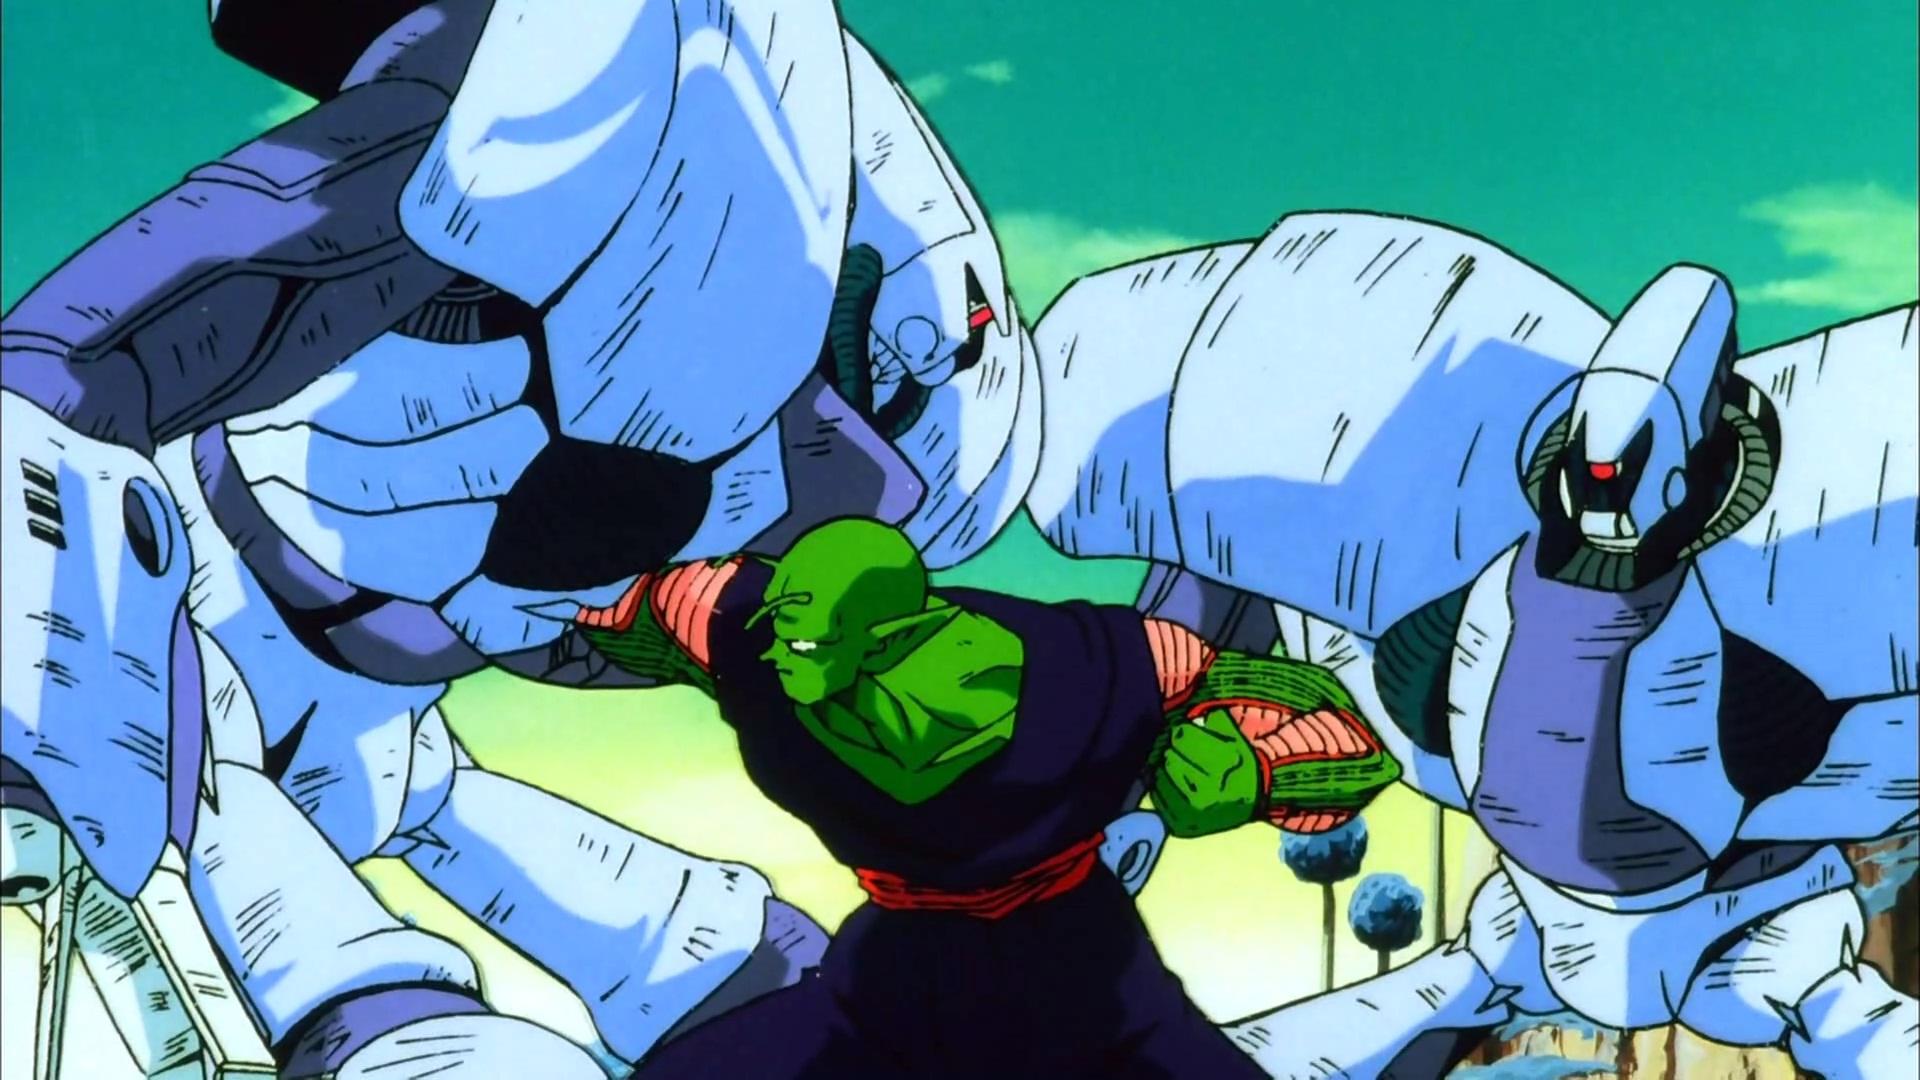 Resultado de imagen de Guerreros de fuerza ilimitada dragon ball pelicula